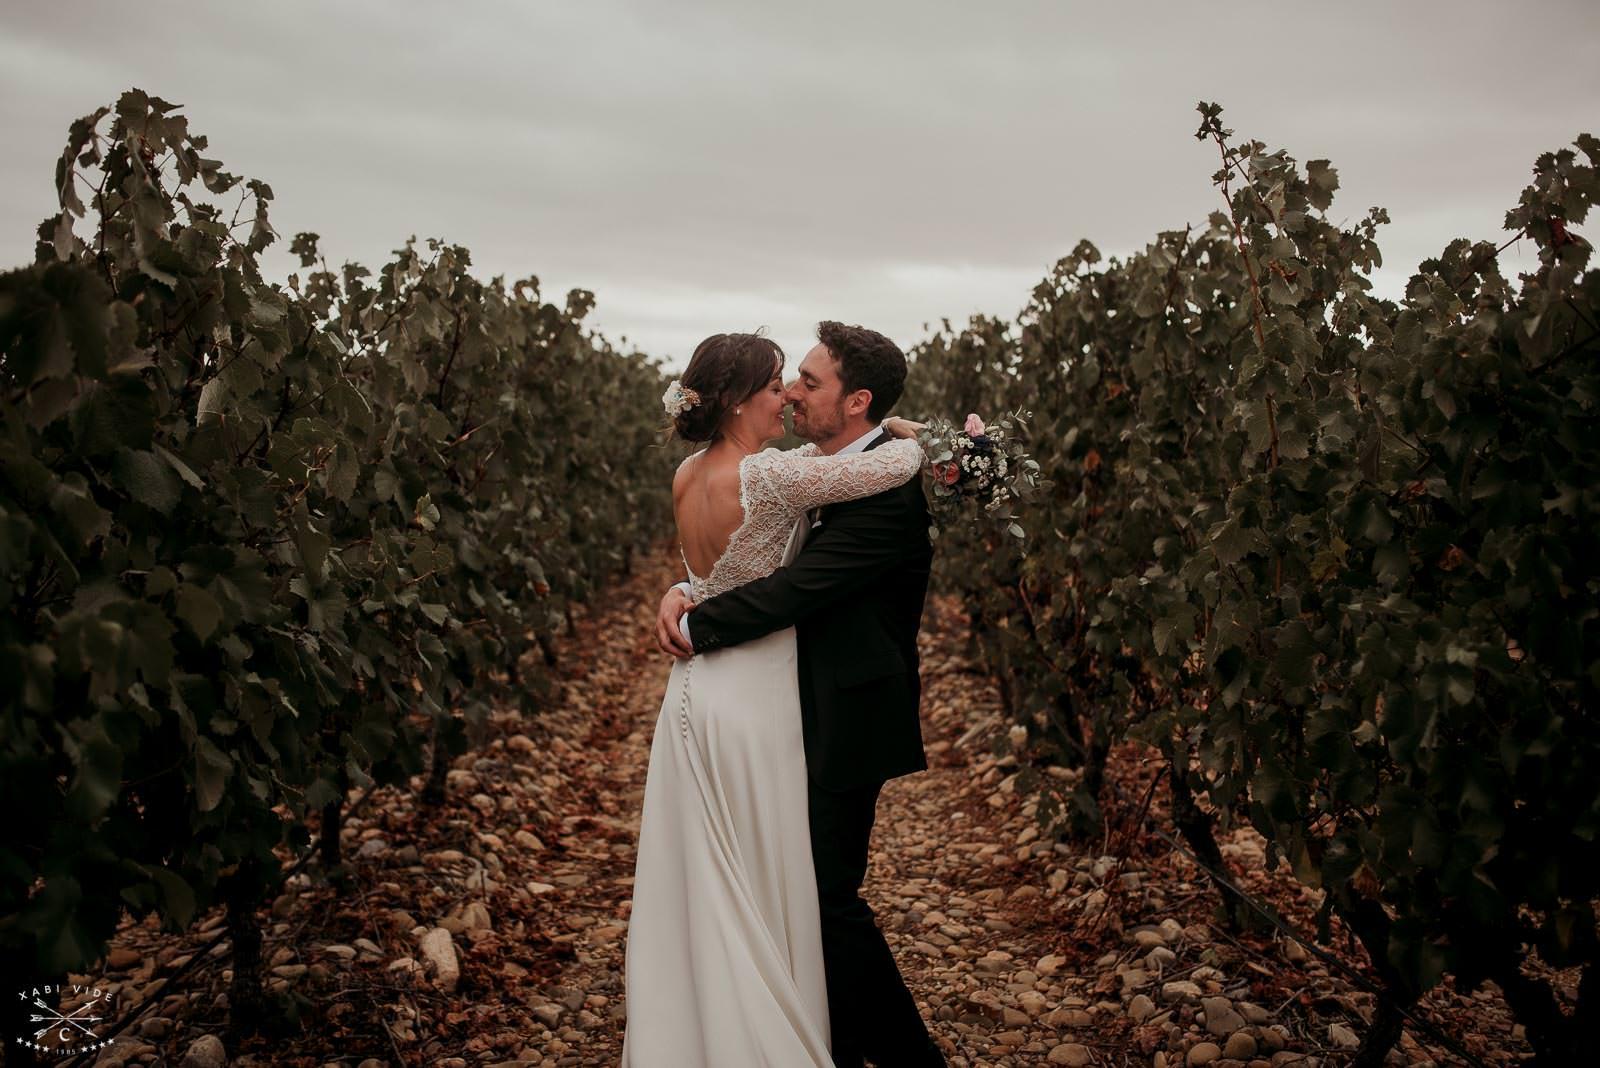 fotógrafo de bodas en calahorra-91